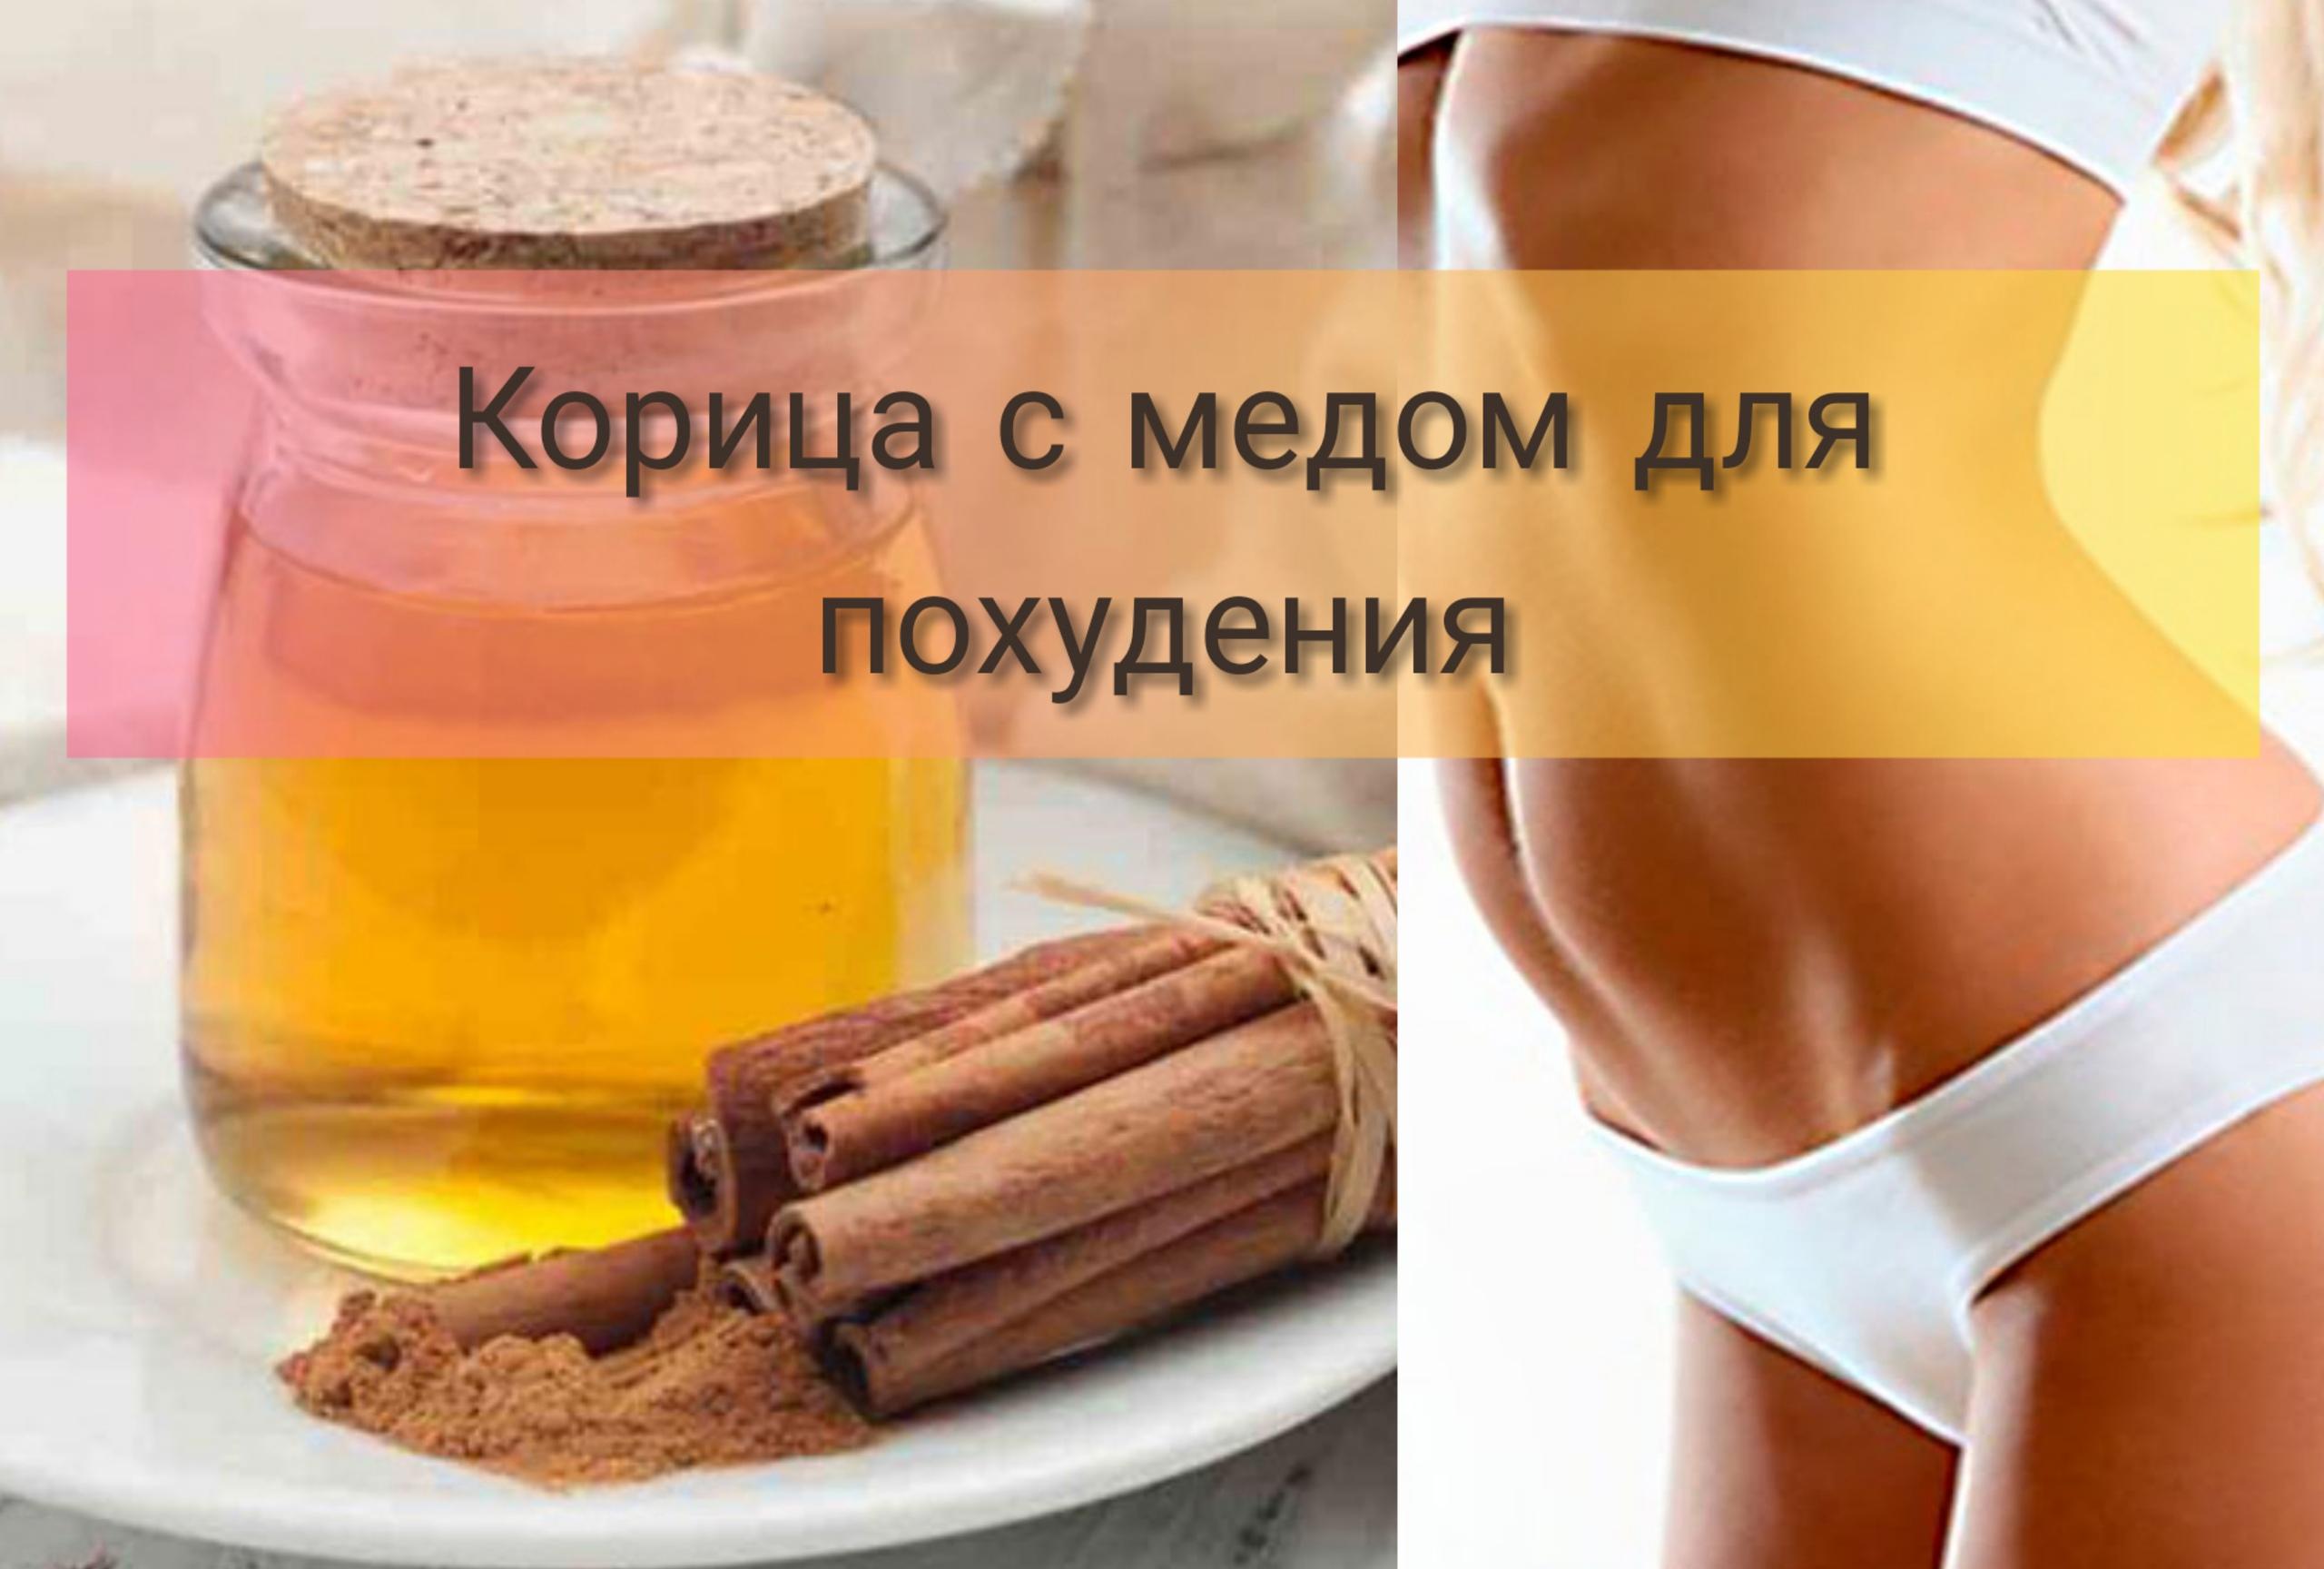 Корица с медом для похудения: как приготовить напиток для стройной фигуры   lisa.ru